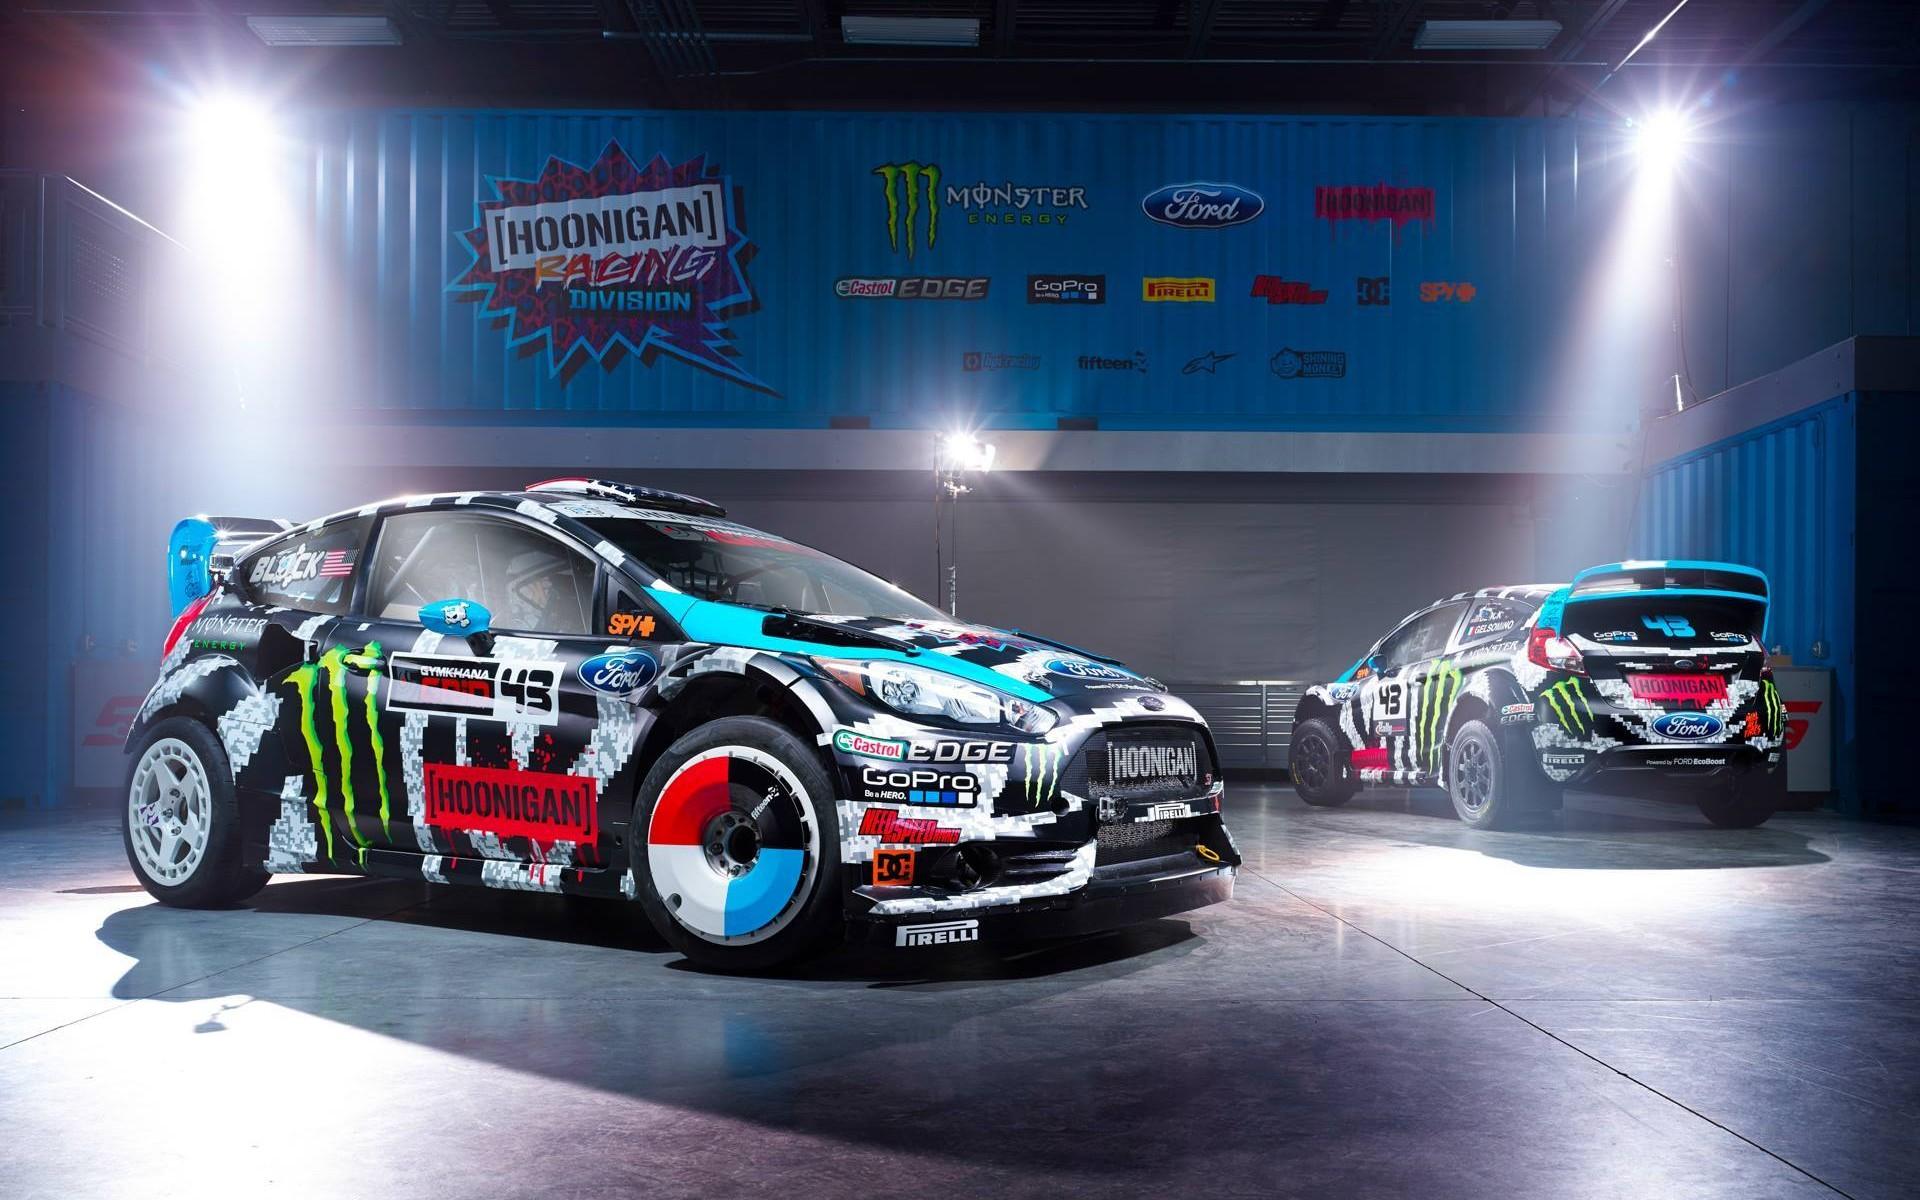 Image for Hoonigan Racing Desktop Wallpaper For PC 1920x1200